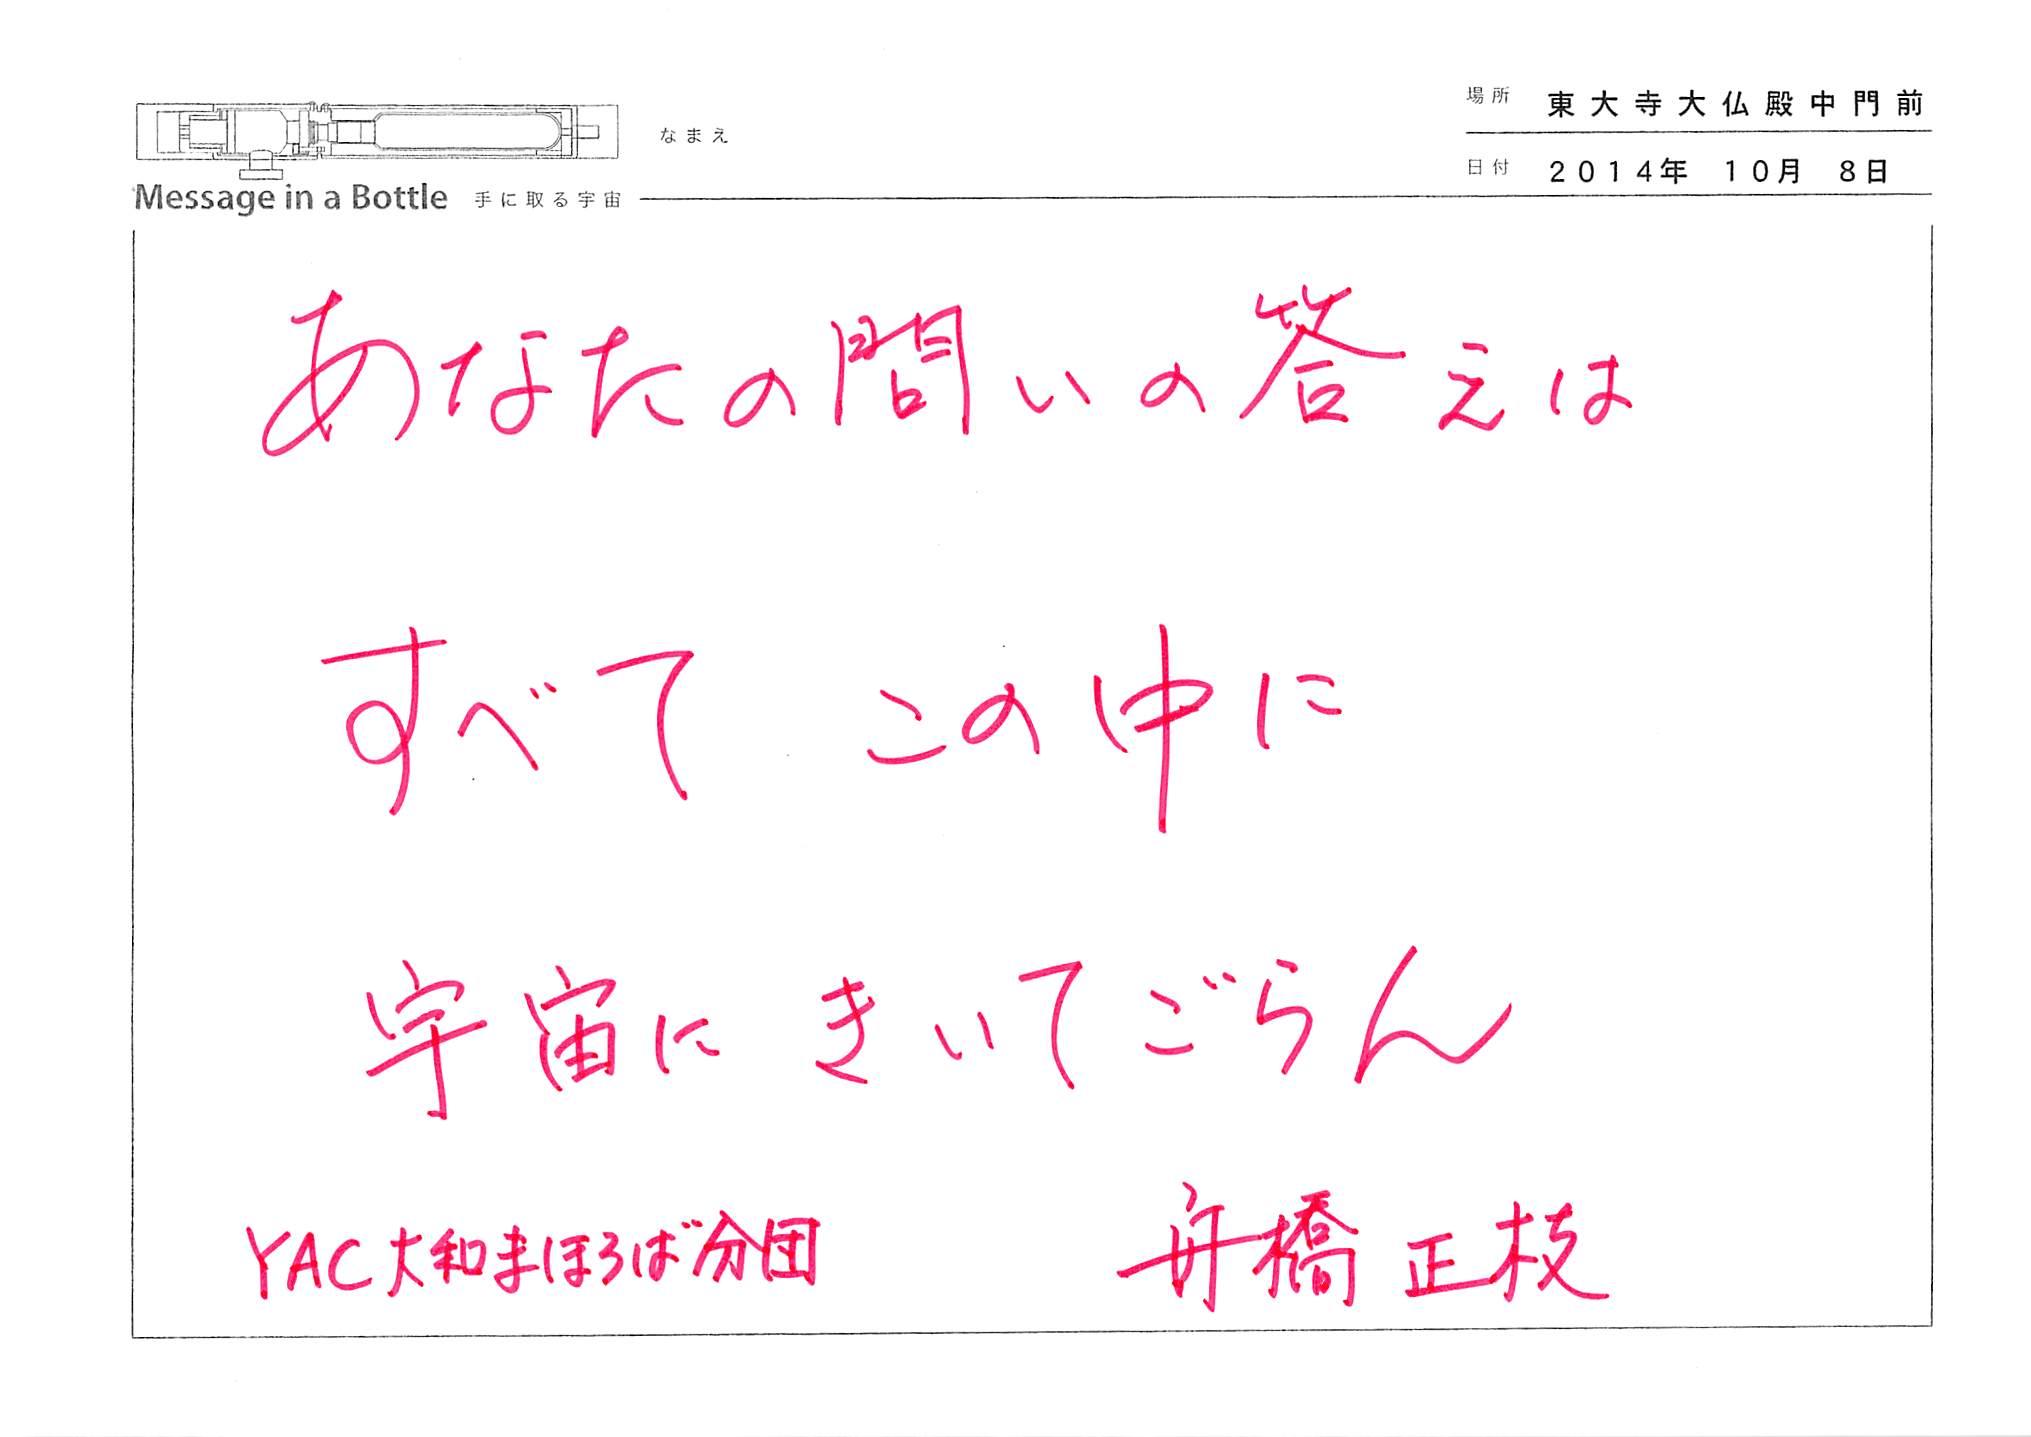 2014-10-08-18-46-58.jpg